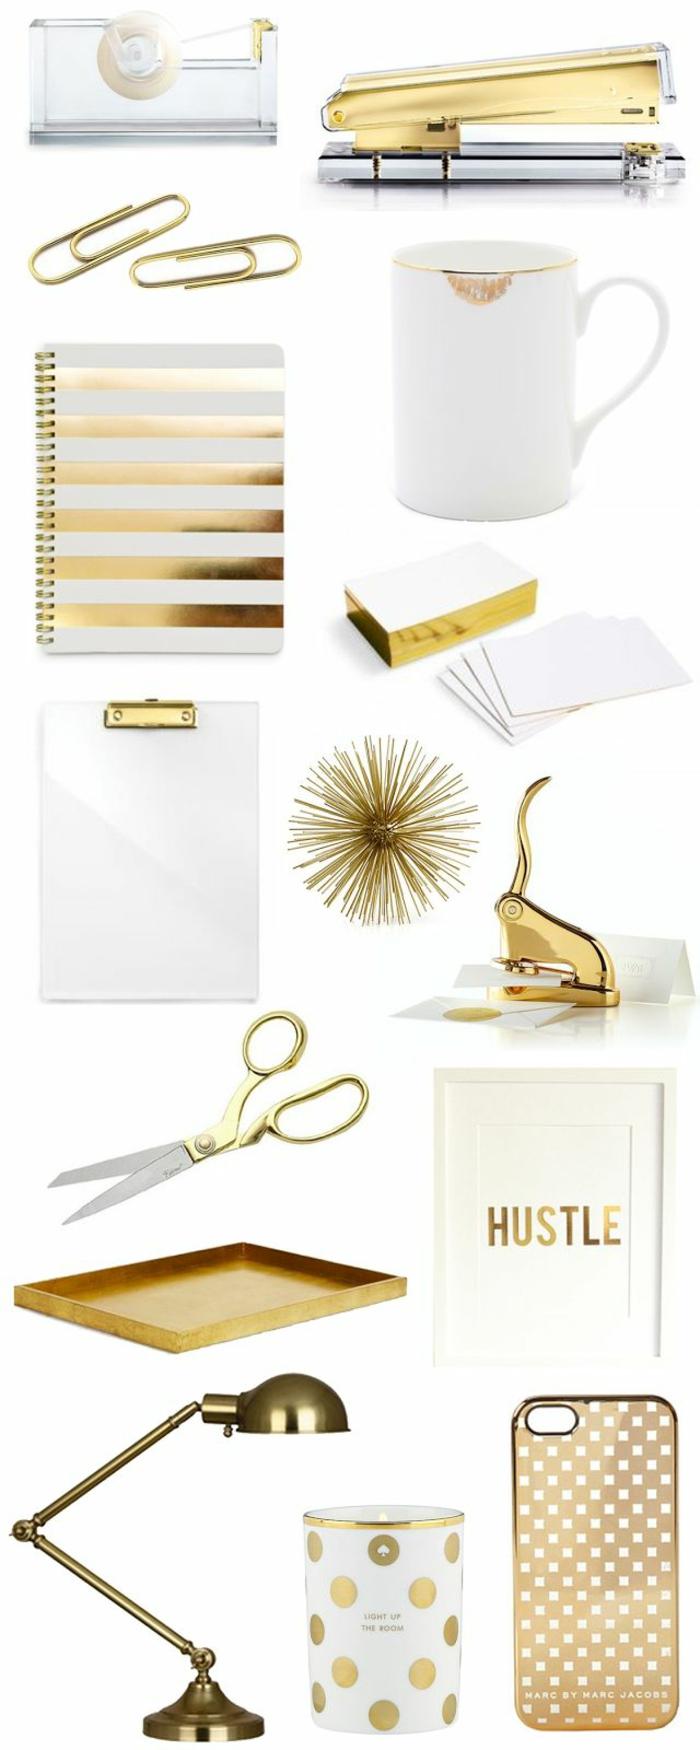 des-choses-nécessaires-pour-l-education-école-school-supplies-cahiers-crayons-organiser-cool-dorées-tout-meme-style-cool-resized